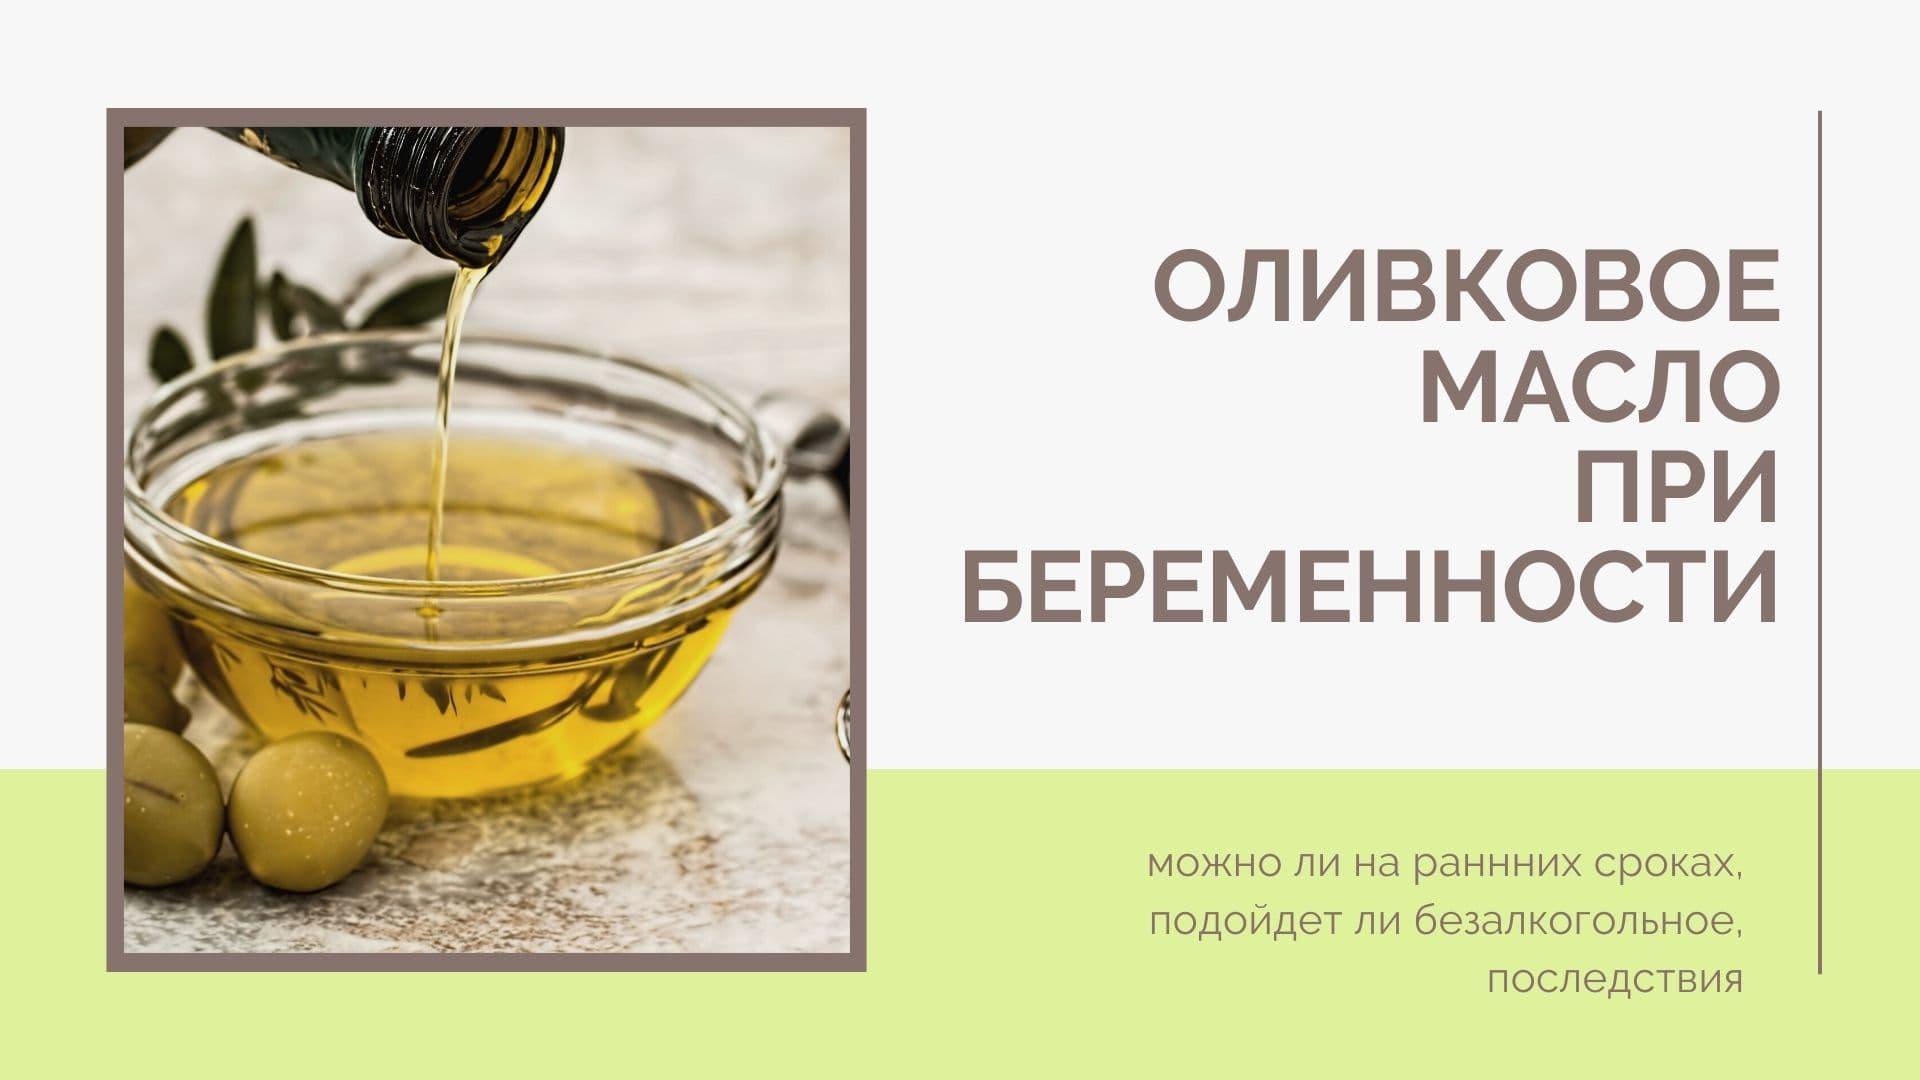 Оливковое масло при беременности: полезные свойства, противопоказания, меры предосторожности